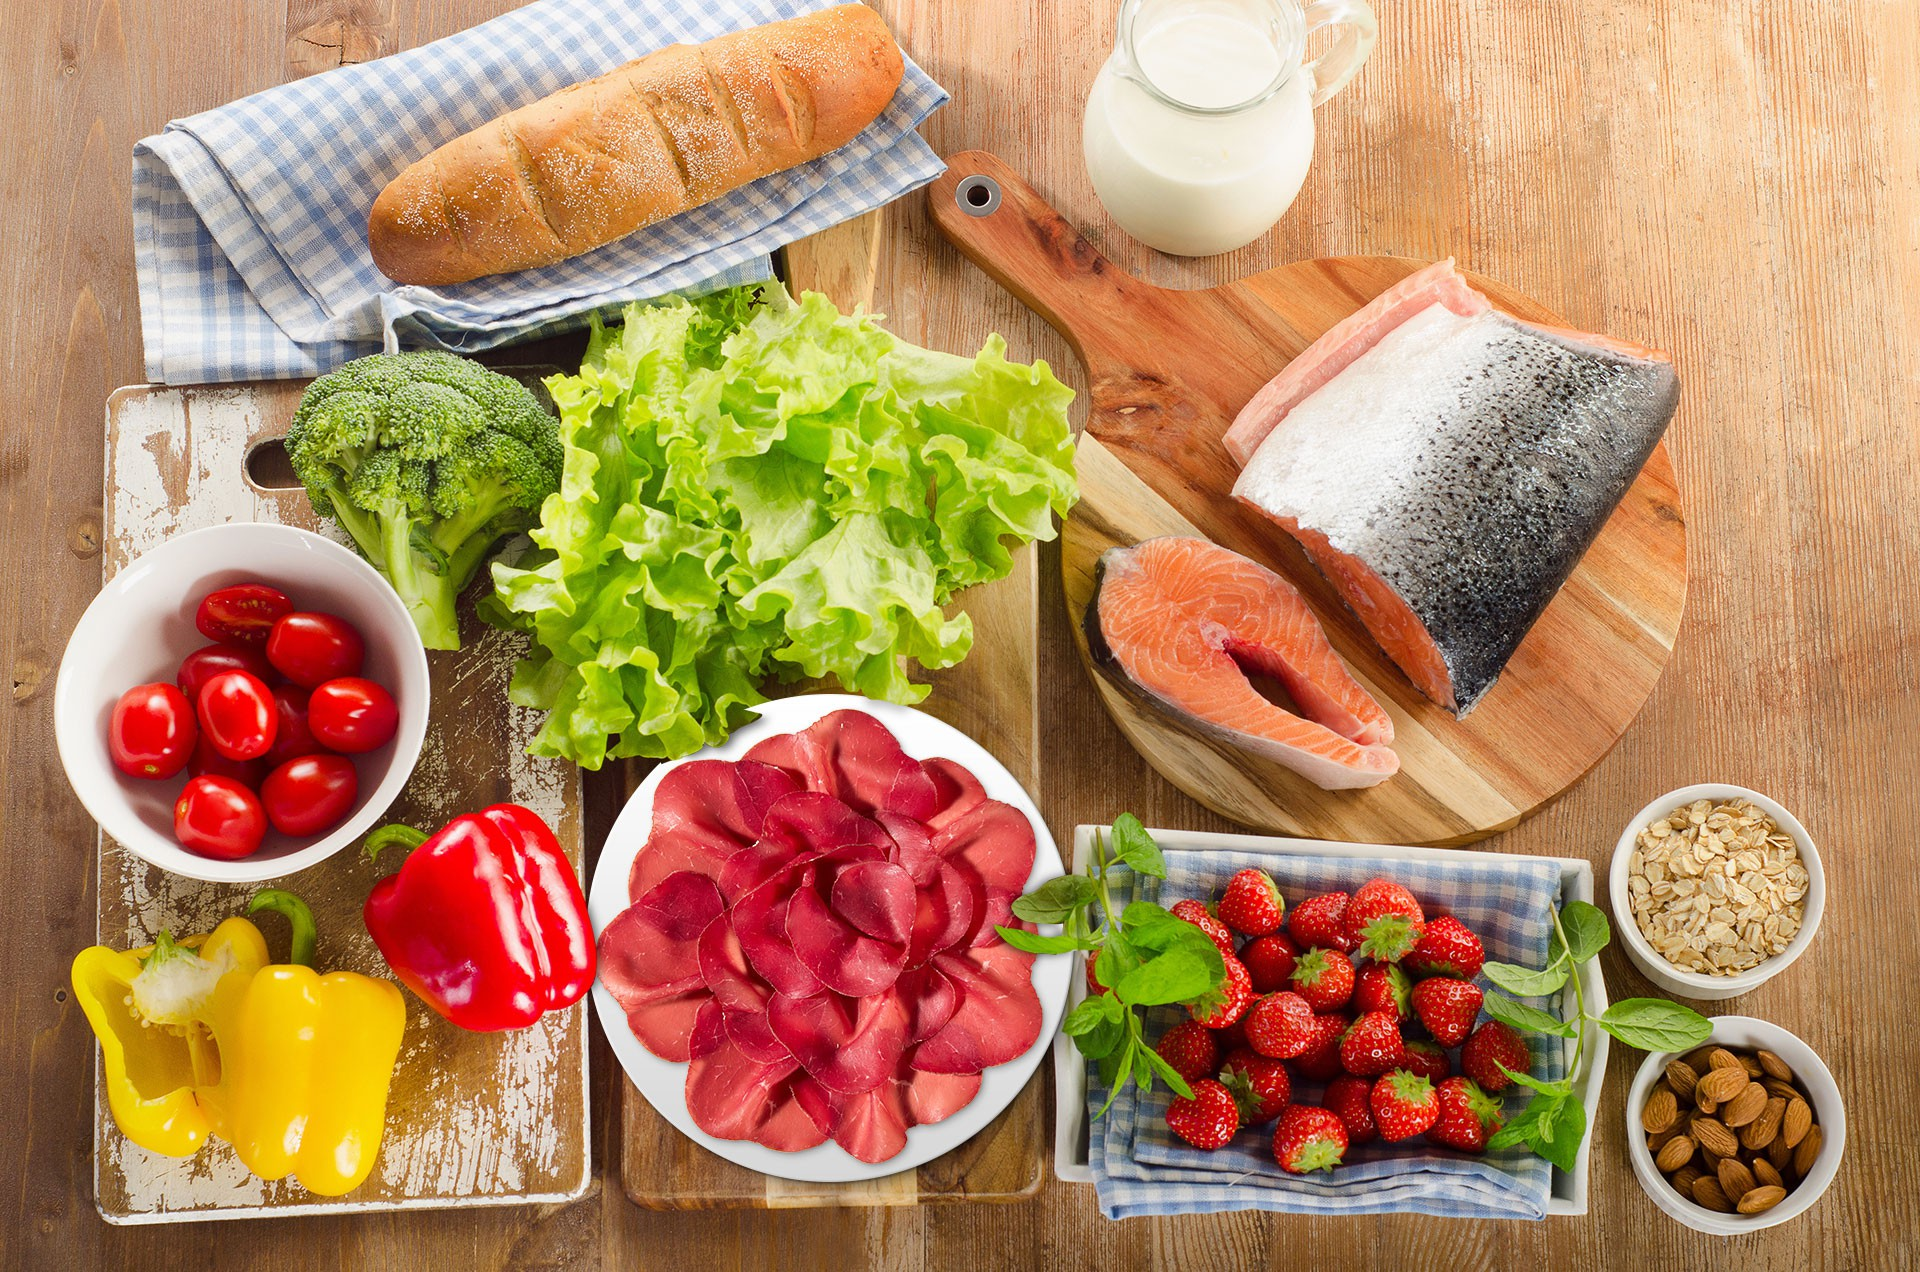 La livraison à domicile pour une alimentation saine